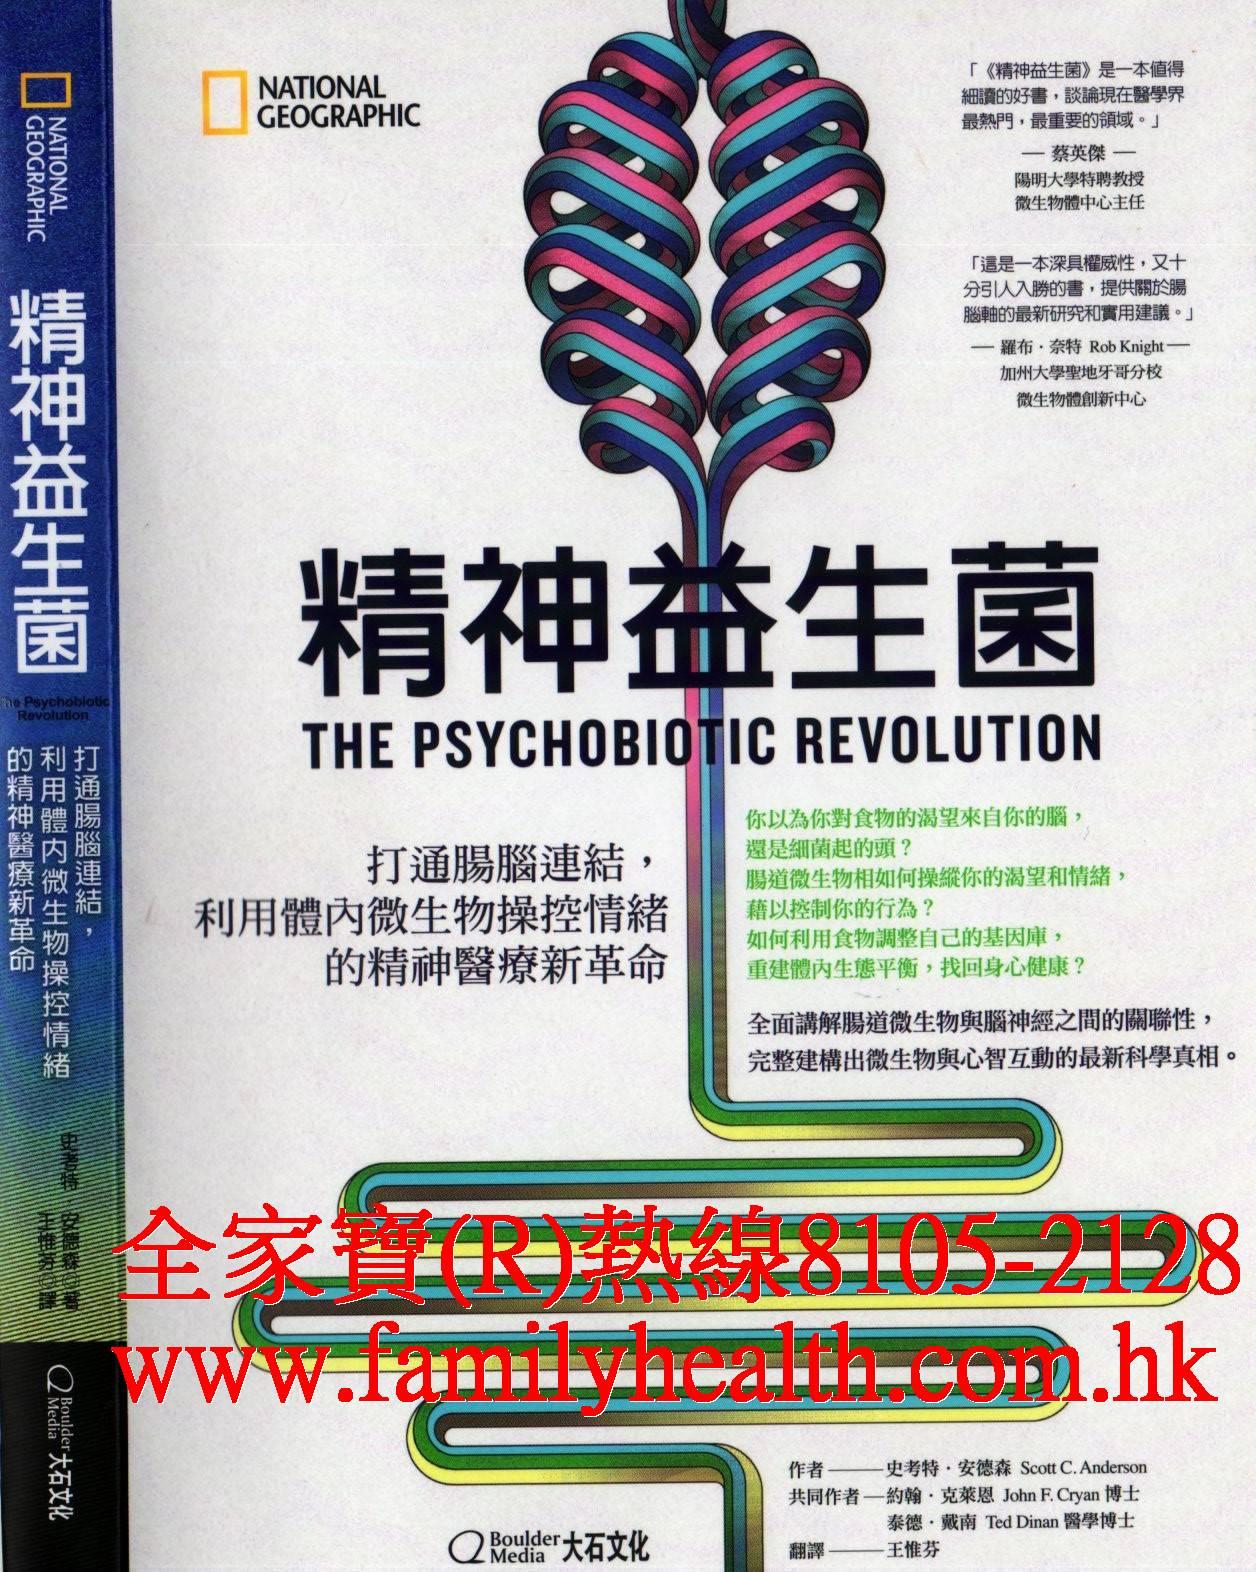 http://www.familyhealth.com.hk/files/full/1101_0.jpg